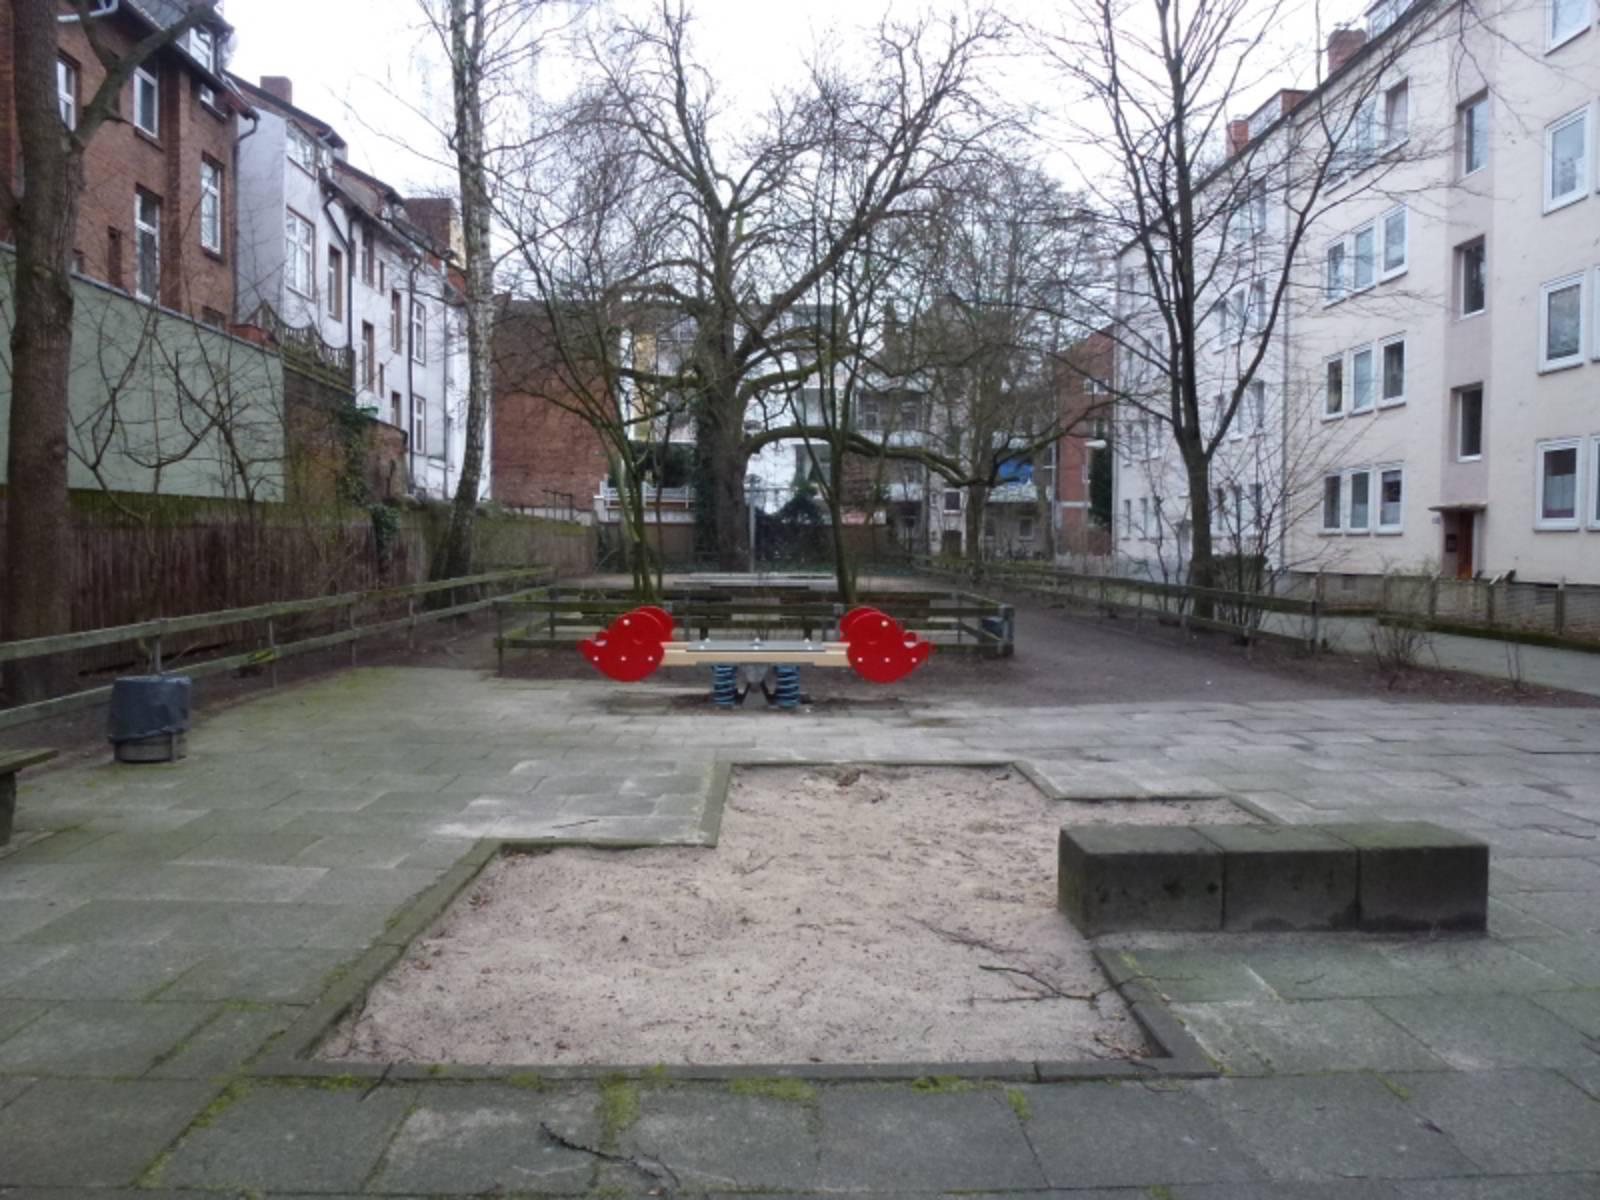 Spielplatz Behnsenstraße-Mitte mit Sandkasten im Vordergrund